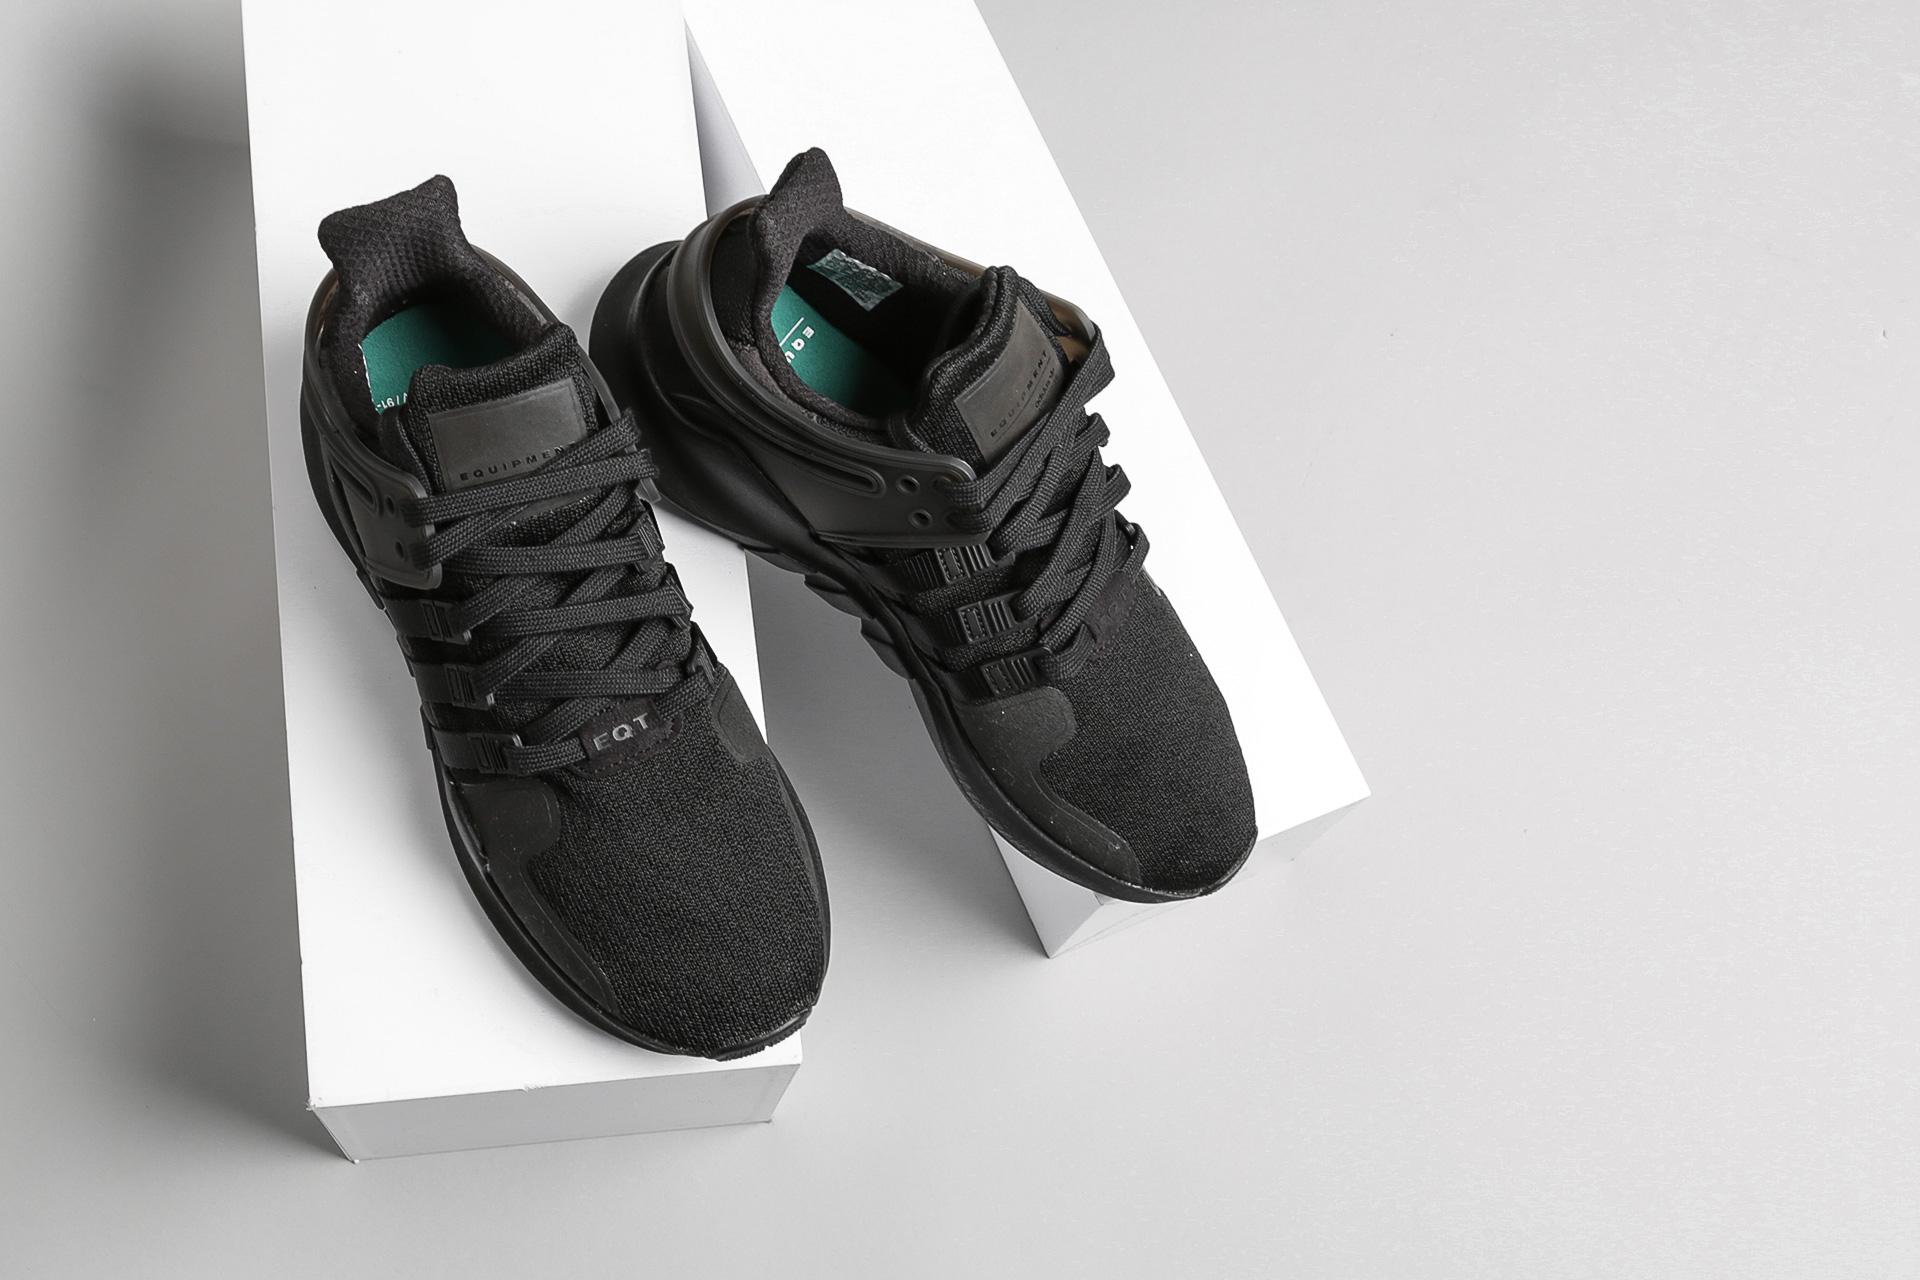 competitive price 5f5ef 0f5f8 Купить черные мужские кроссовки EQT Support ADV от adidas ...